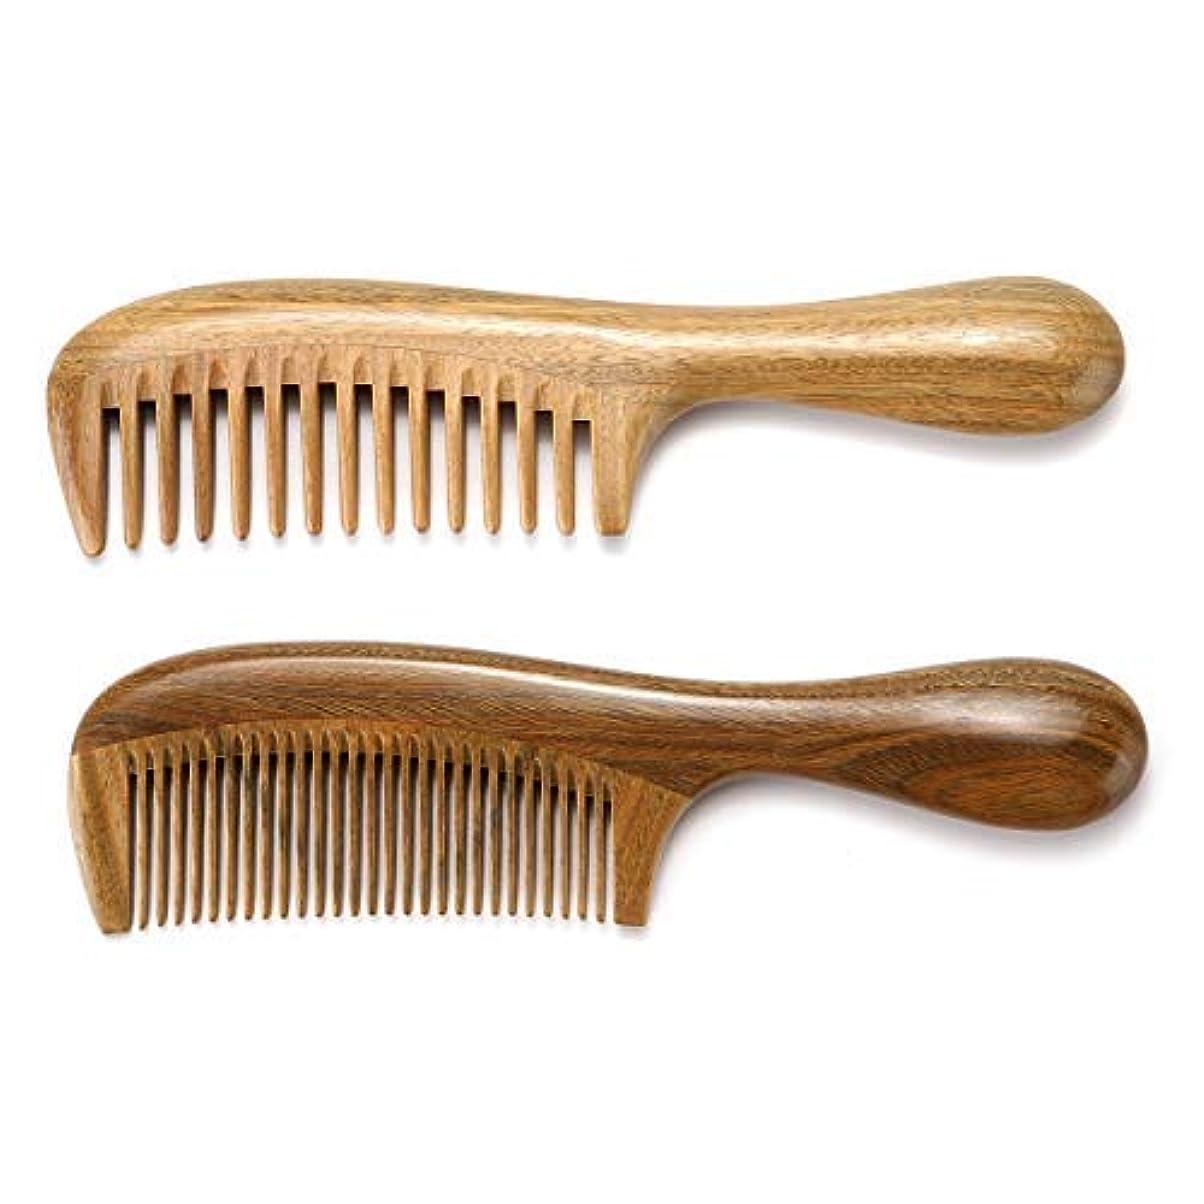 発揮する吹きさらしカテゴリーHandmade Wooden Hair Comb Set Gift Box Natural Green Sandalwood Anti-Static Fine & Wide Tooth Hair Combs for Men Women Kids Hairs (2 PACKS) [並行輸入品]